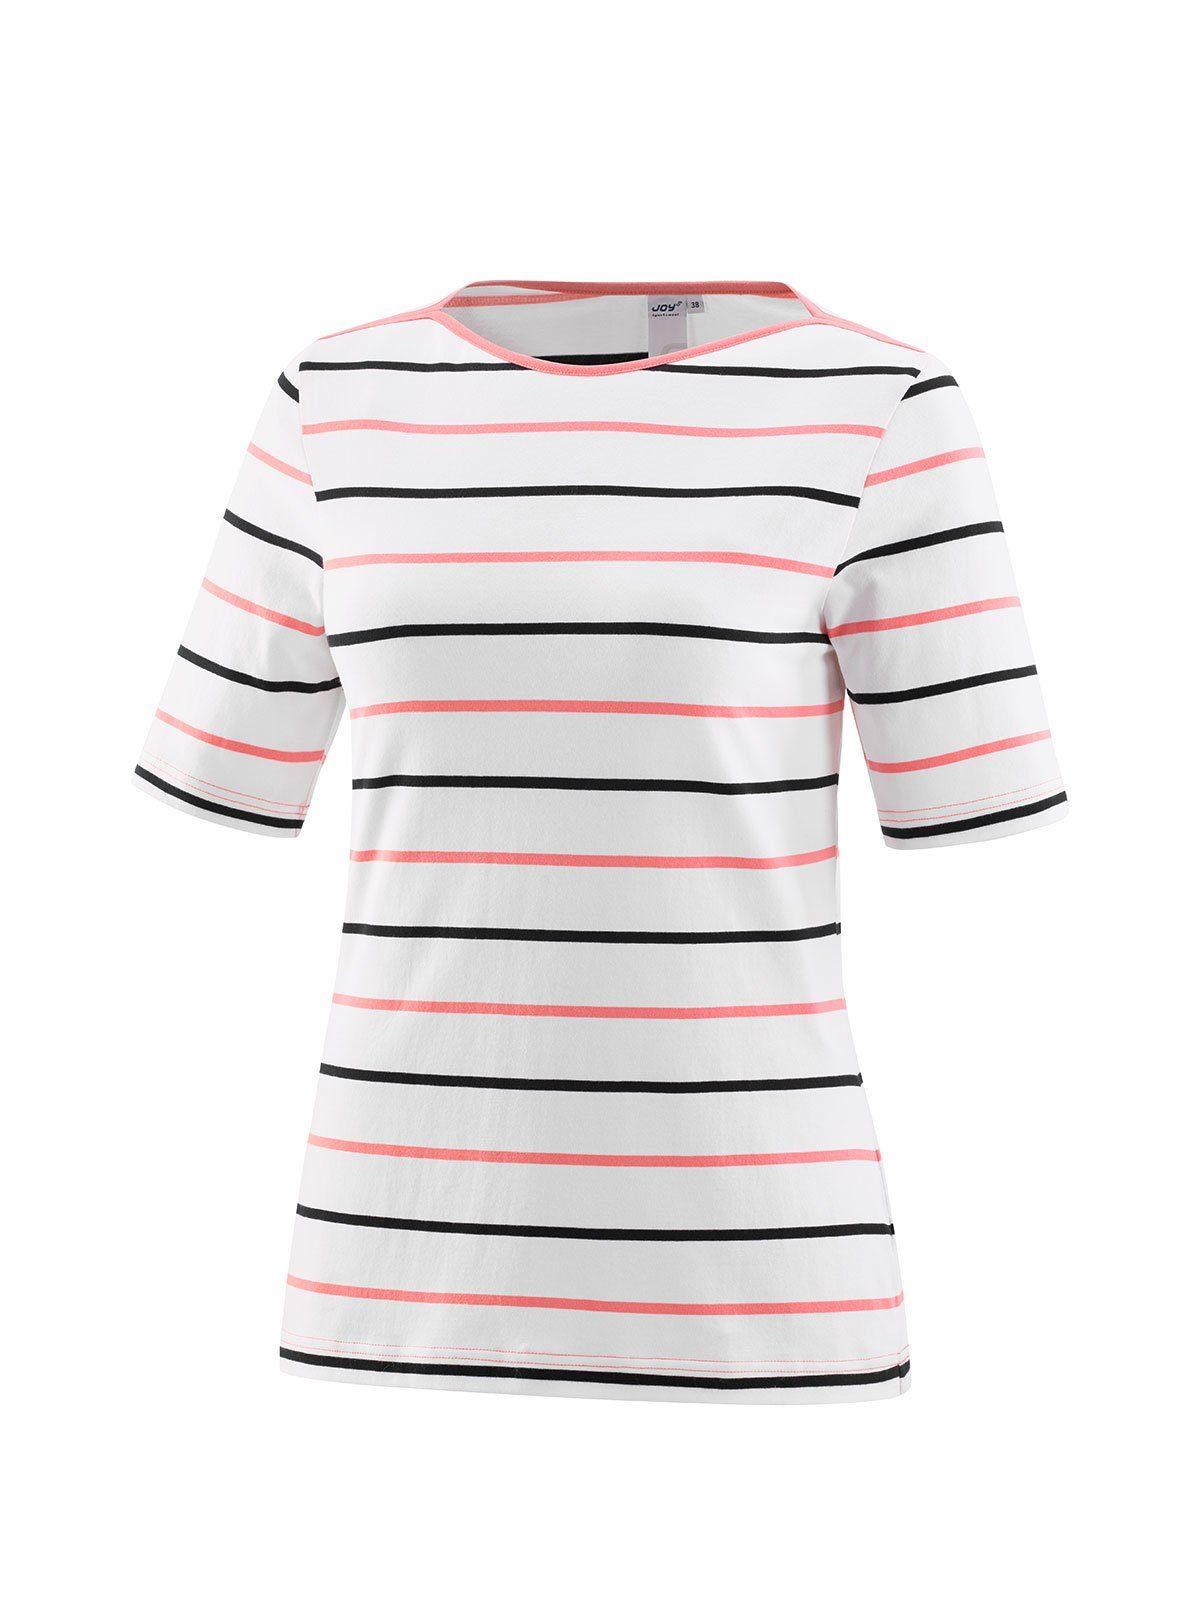 Joy Sportswear Rundhalsshirt ALESSANDRA | Bekleidung > Shirts > Rundhalsshirts | Rosa | Joy Sportswear